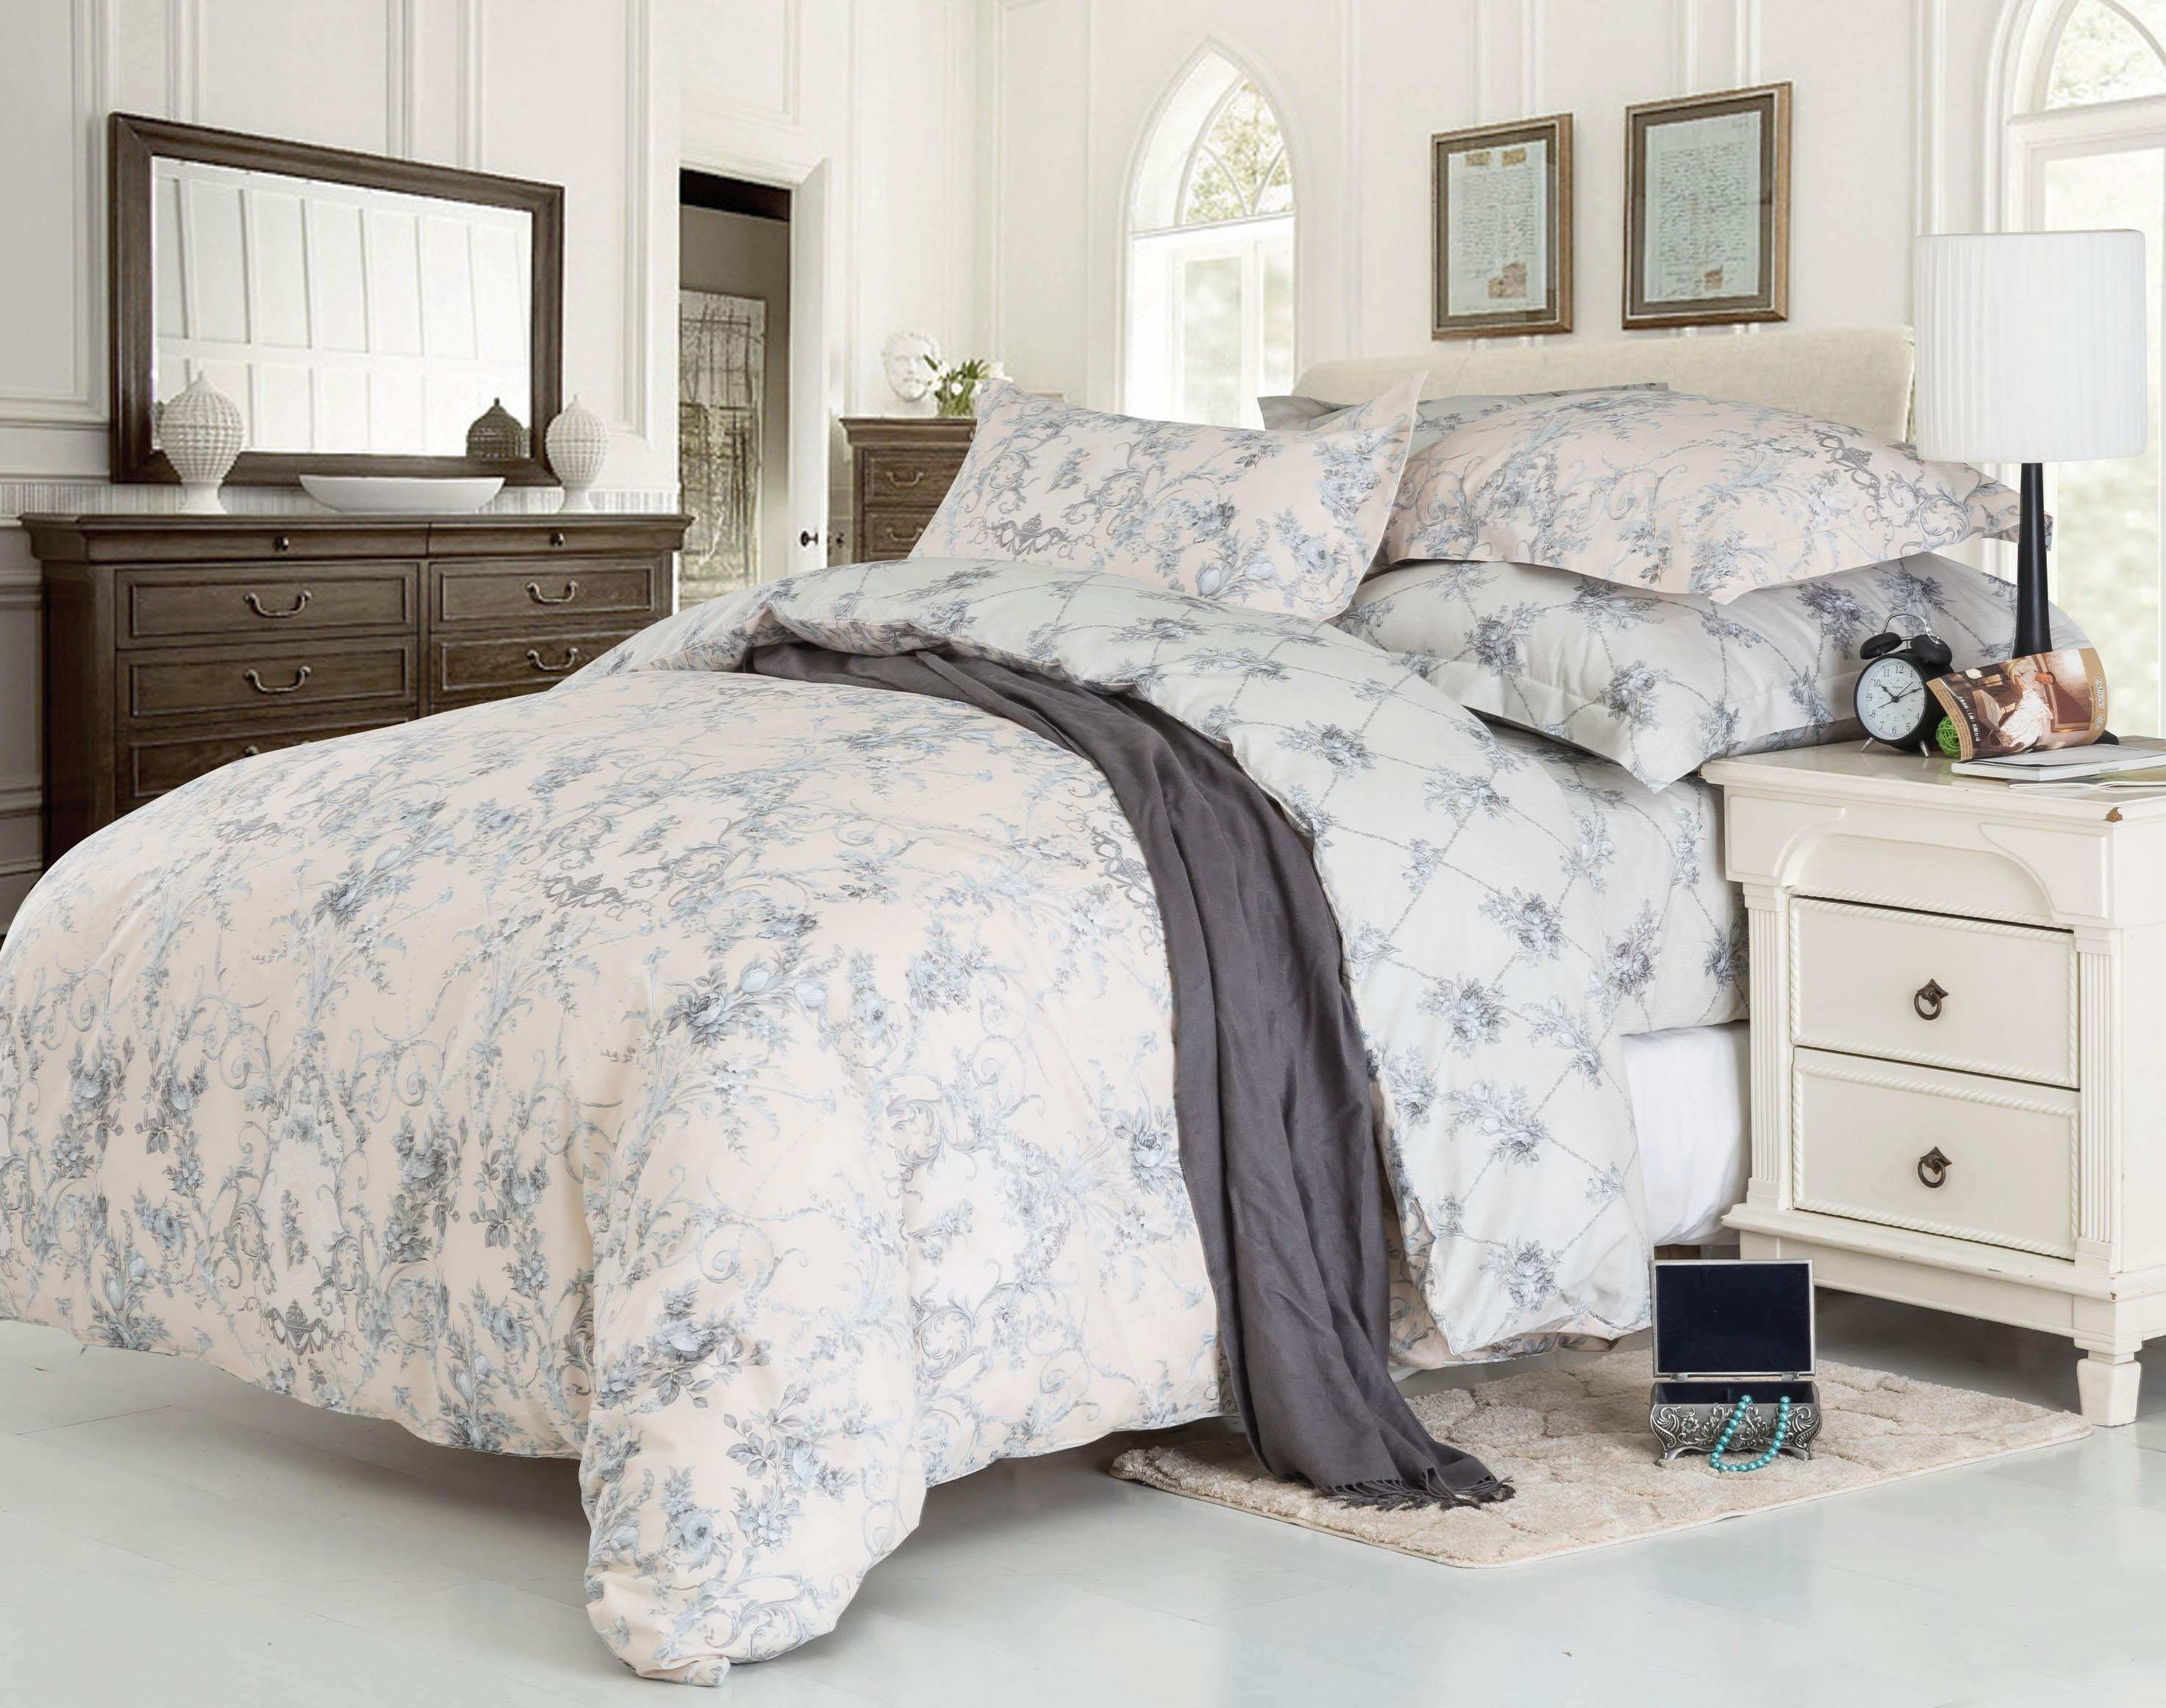 Купить Комплекты постельного белья СайлиД, Постельное бельеNoemi B-177(2 спал.), Китай, Голубой, Хлопковый сатин